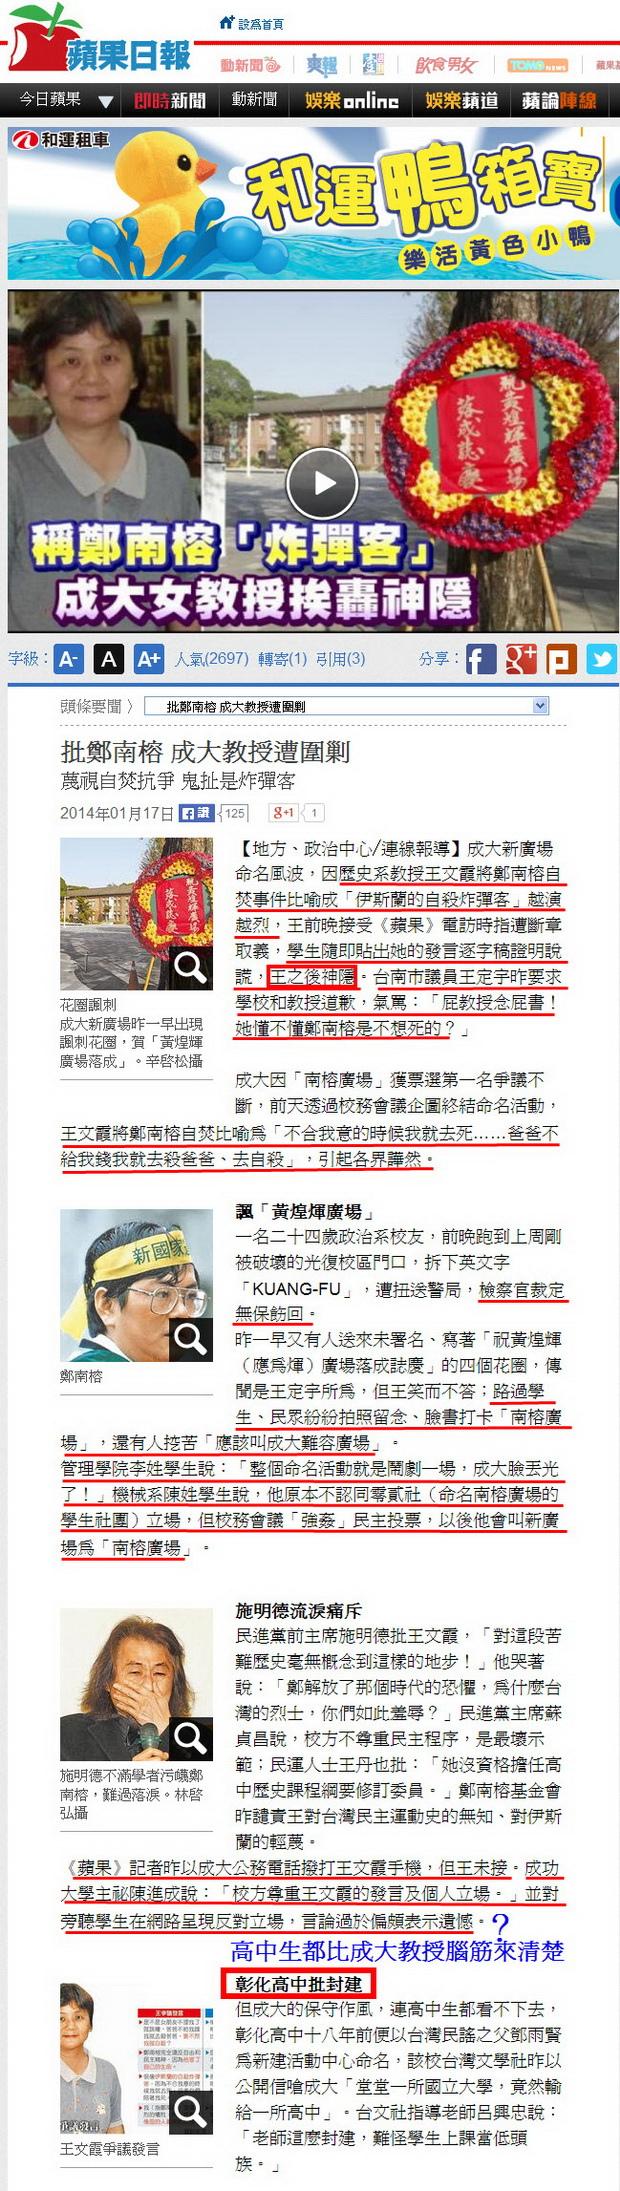 批鄭南榕 成大教授遭圍剿-2014.01.17-01.jpg